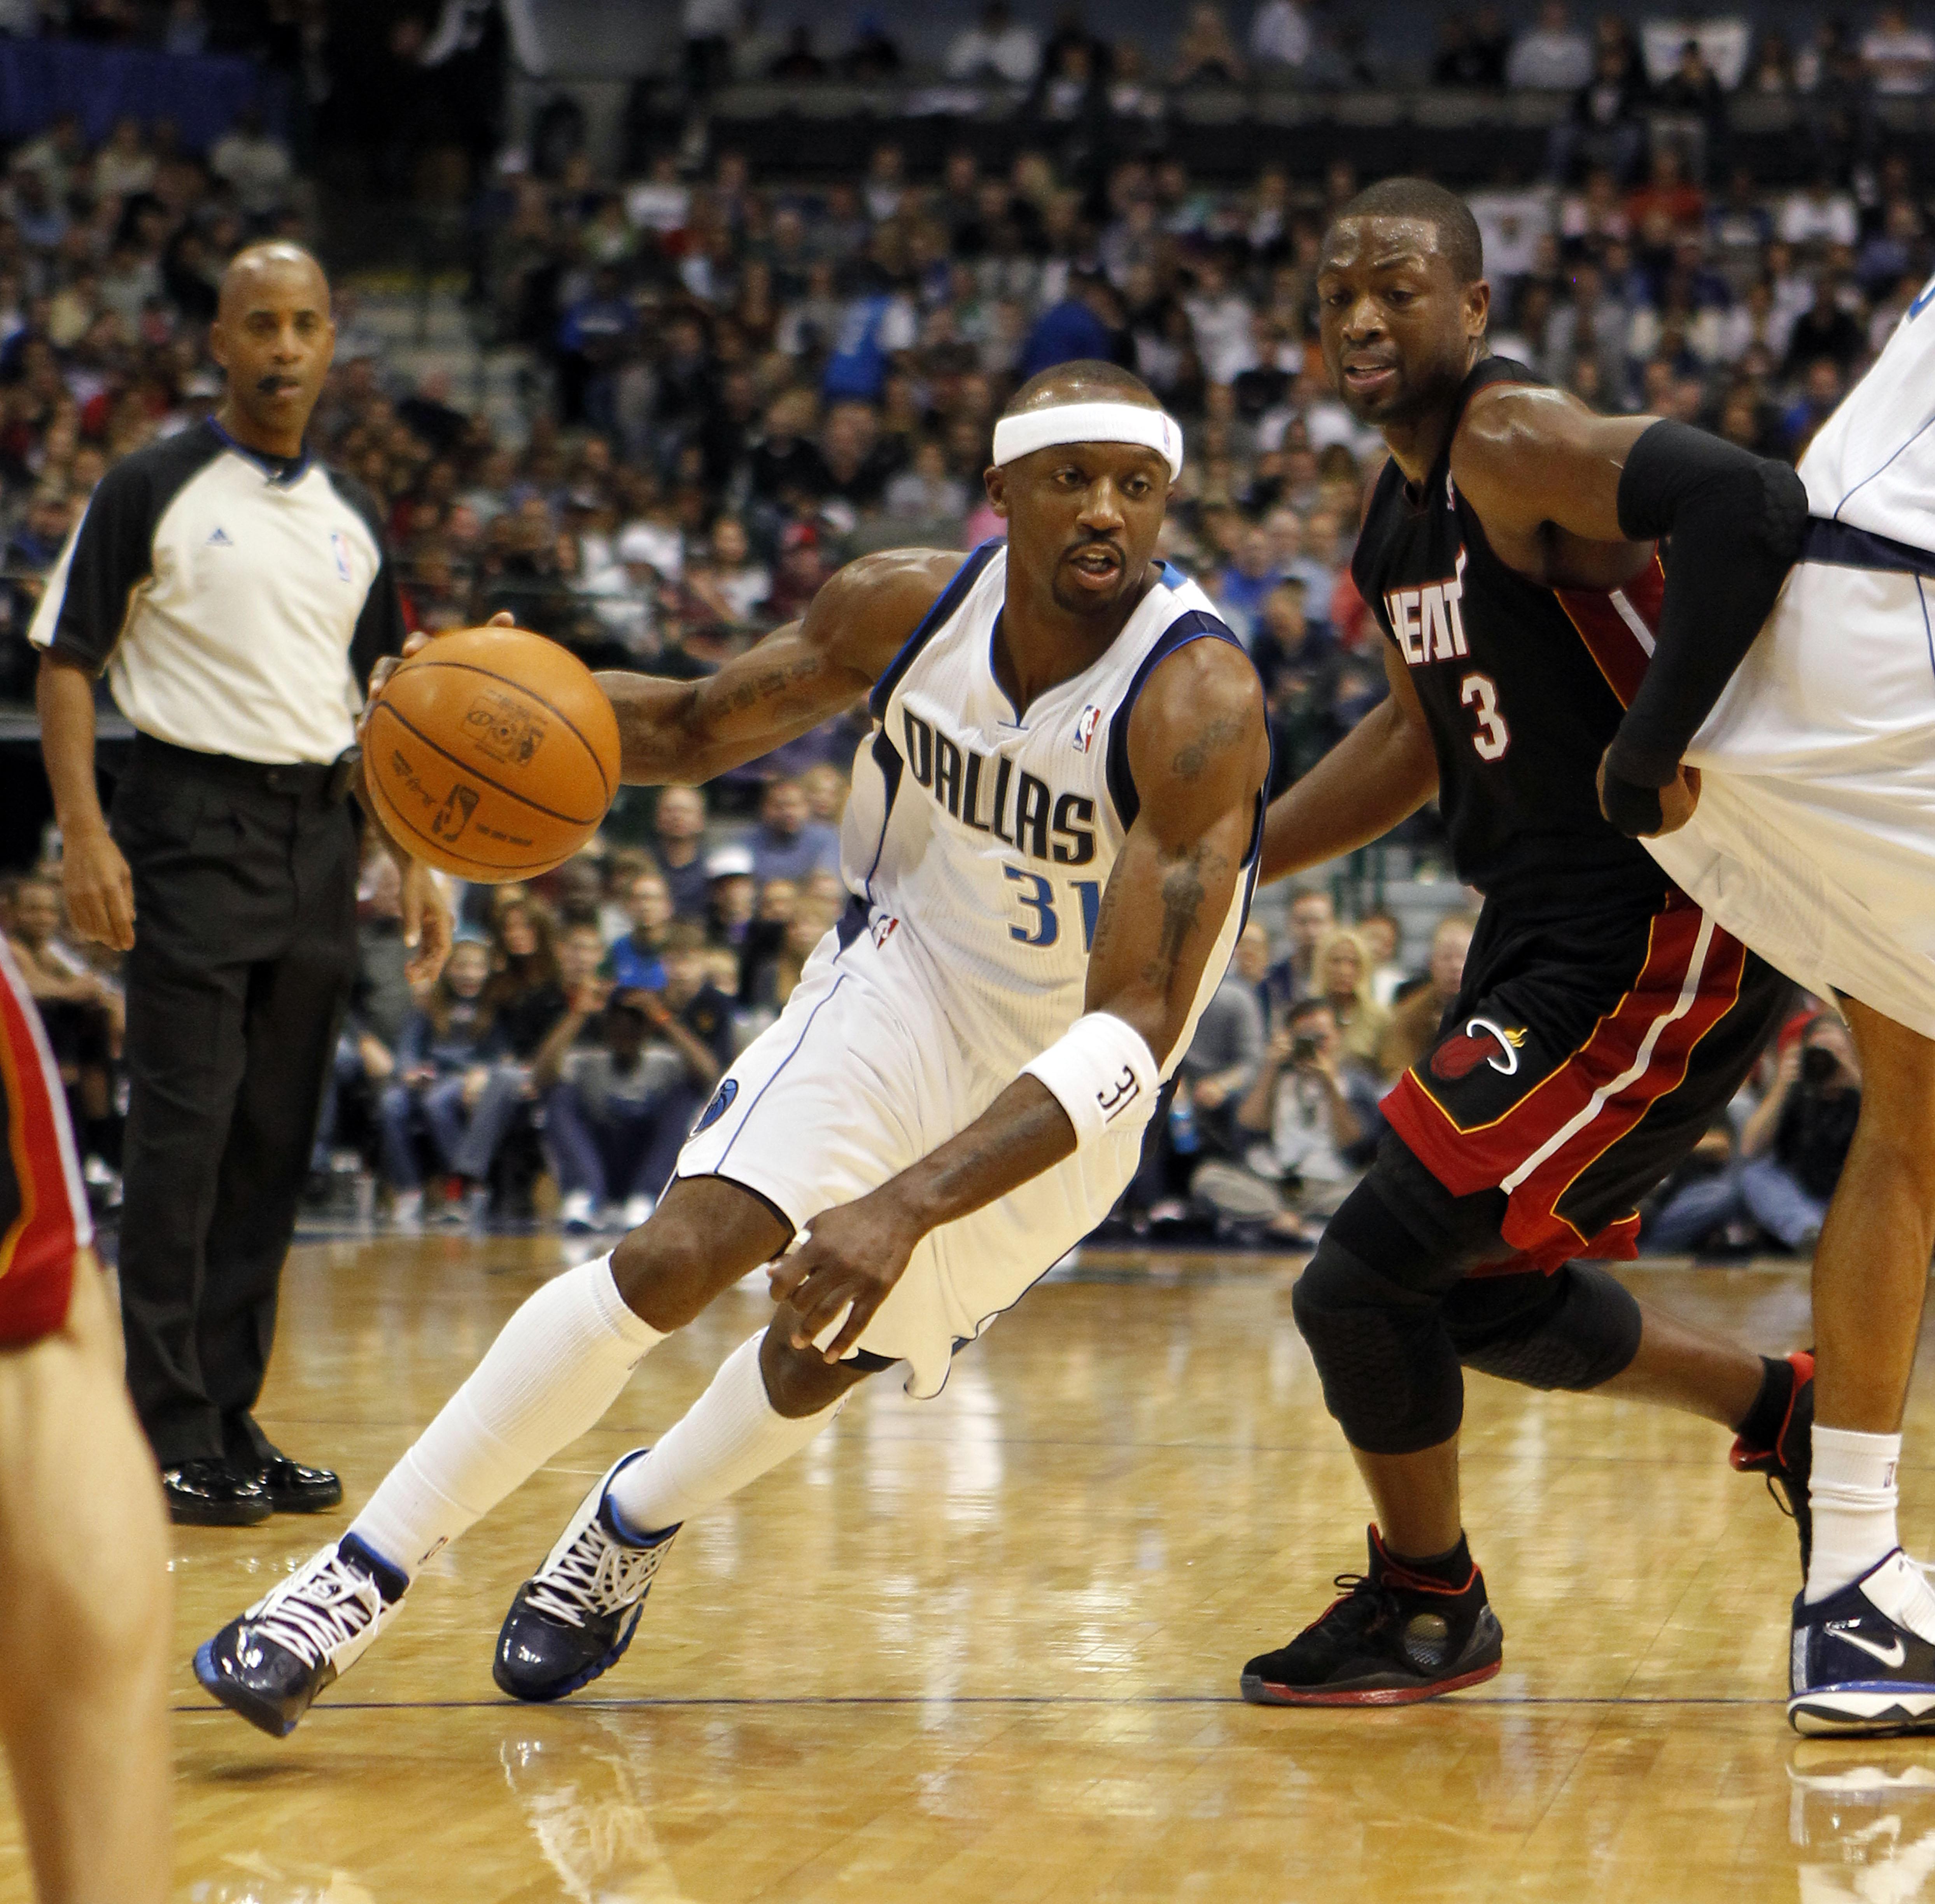 2011 NBA Finals: Mavericks vs. Heat in 13 minutes | NBA ...